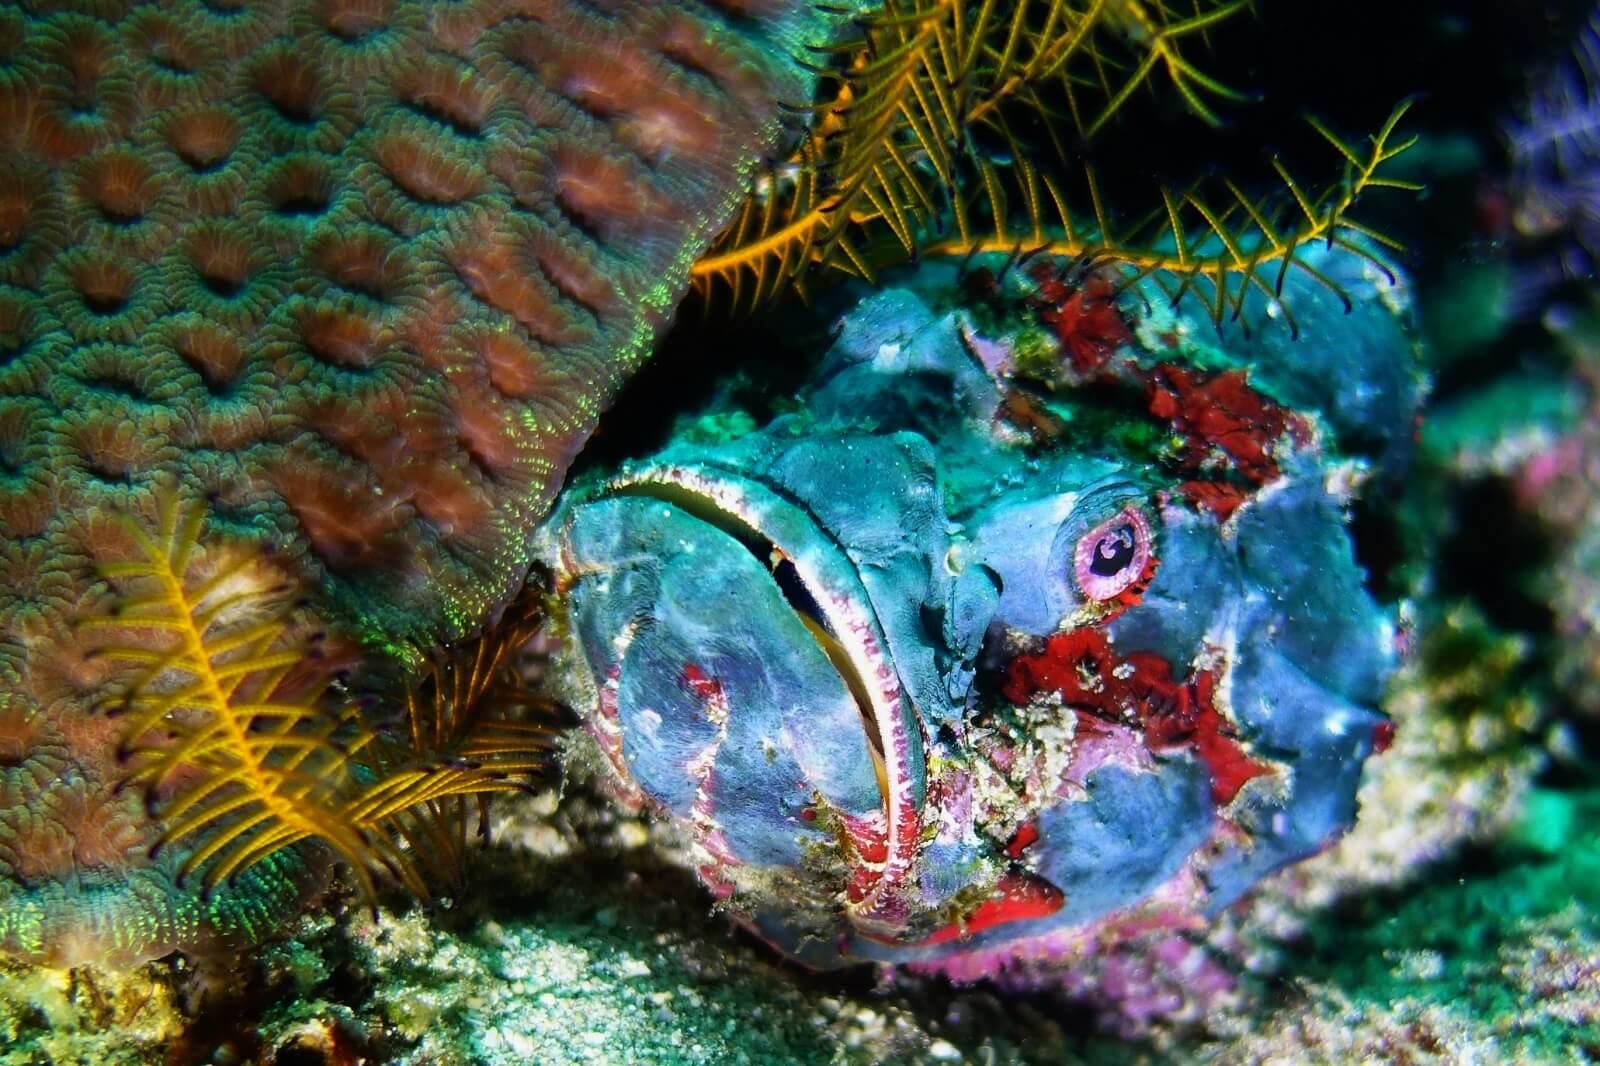 SCORPION FISH Blue Padang Bai Bali